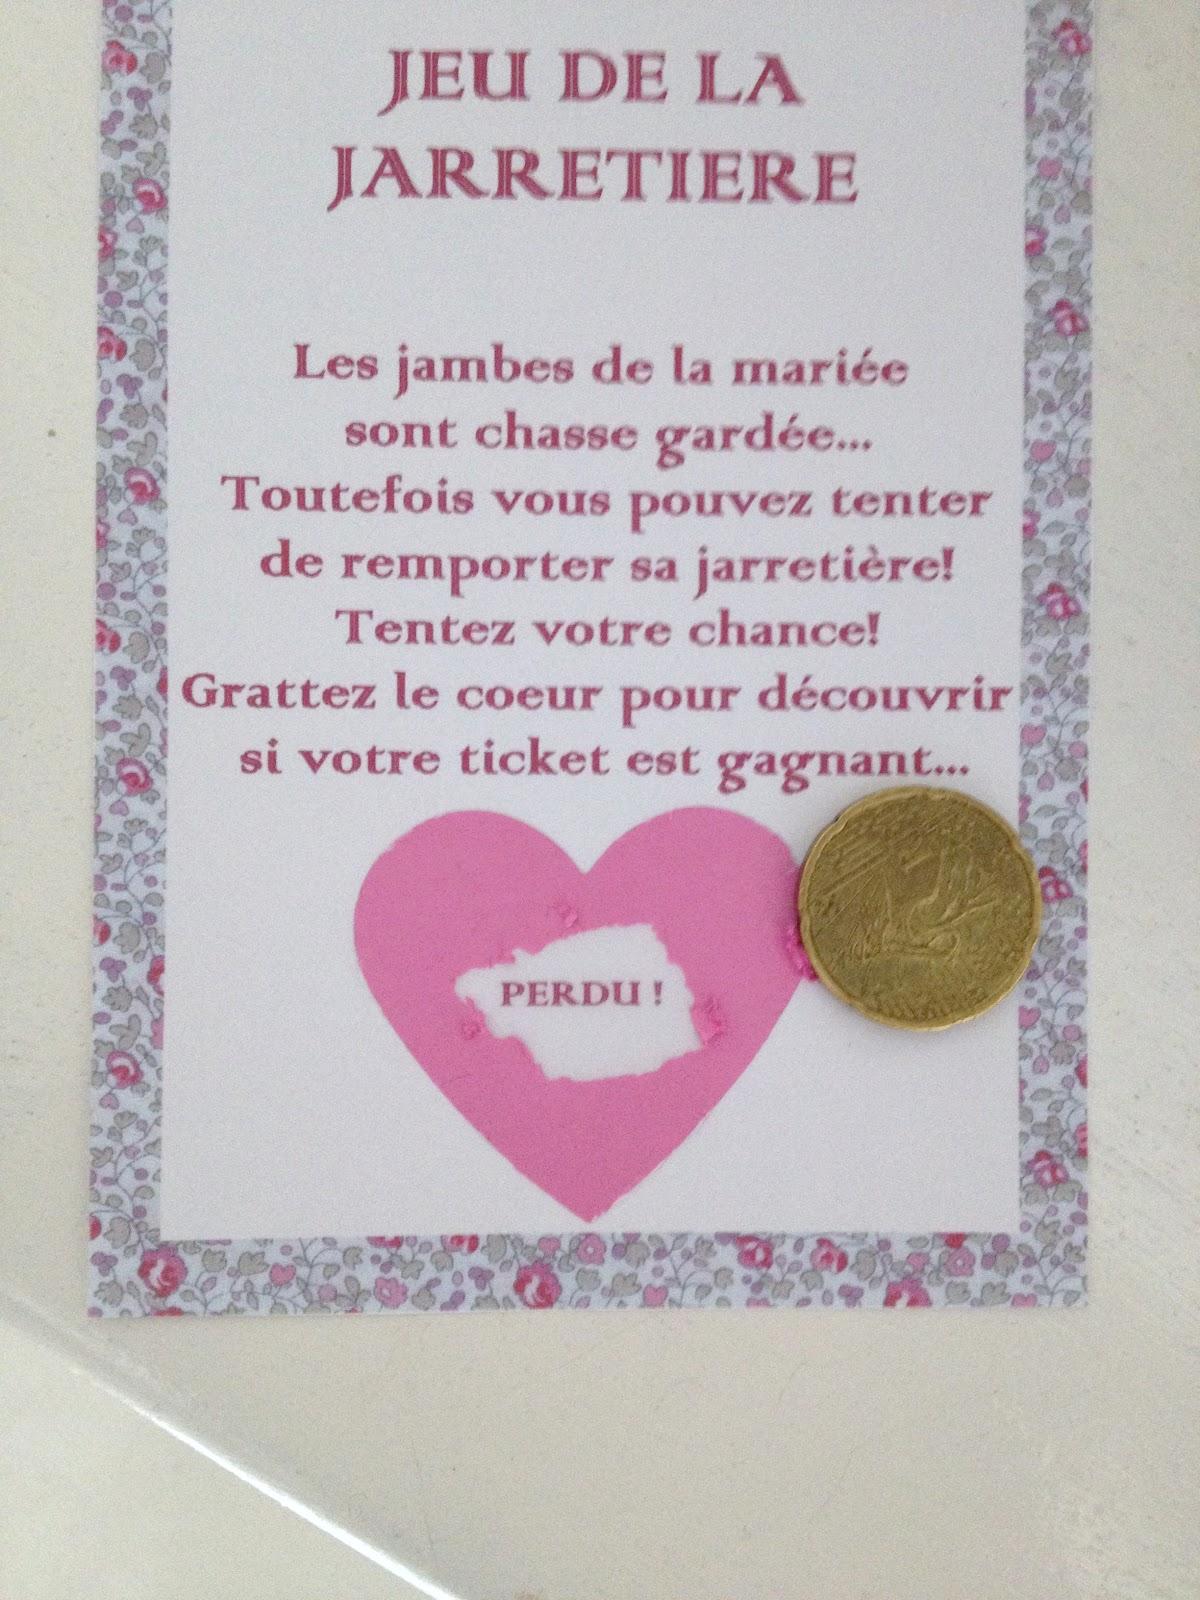 Top Les moineaux de la mariée: DIY : Le ticket gagnant TS98